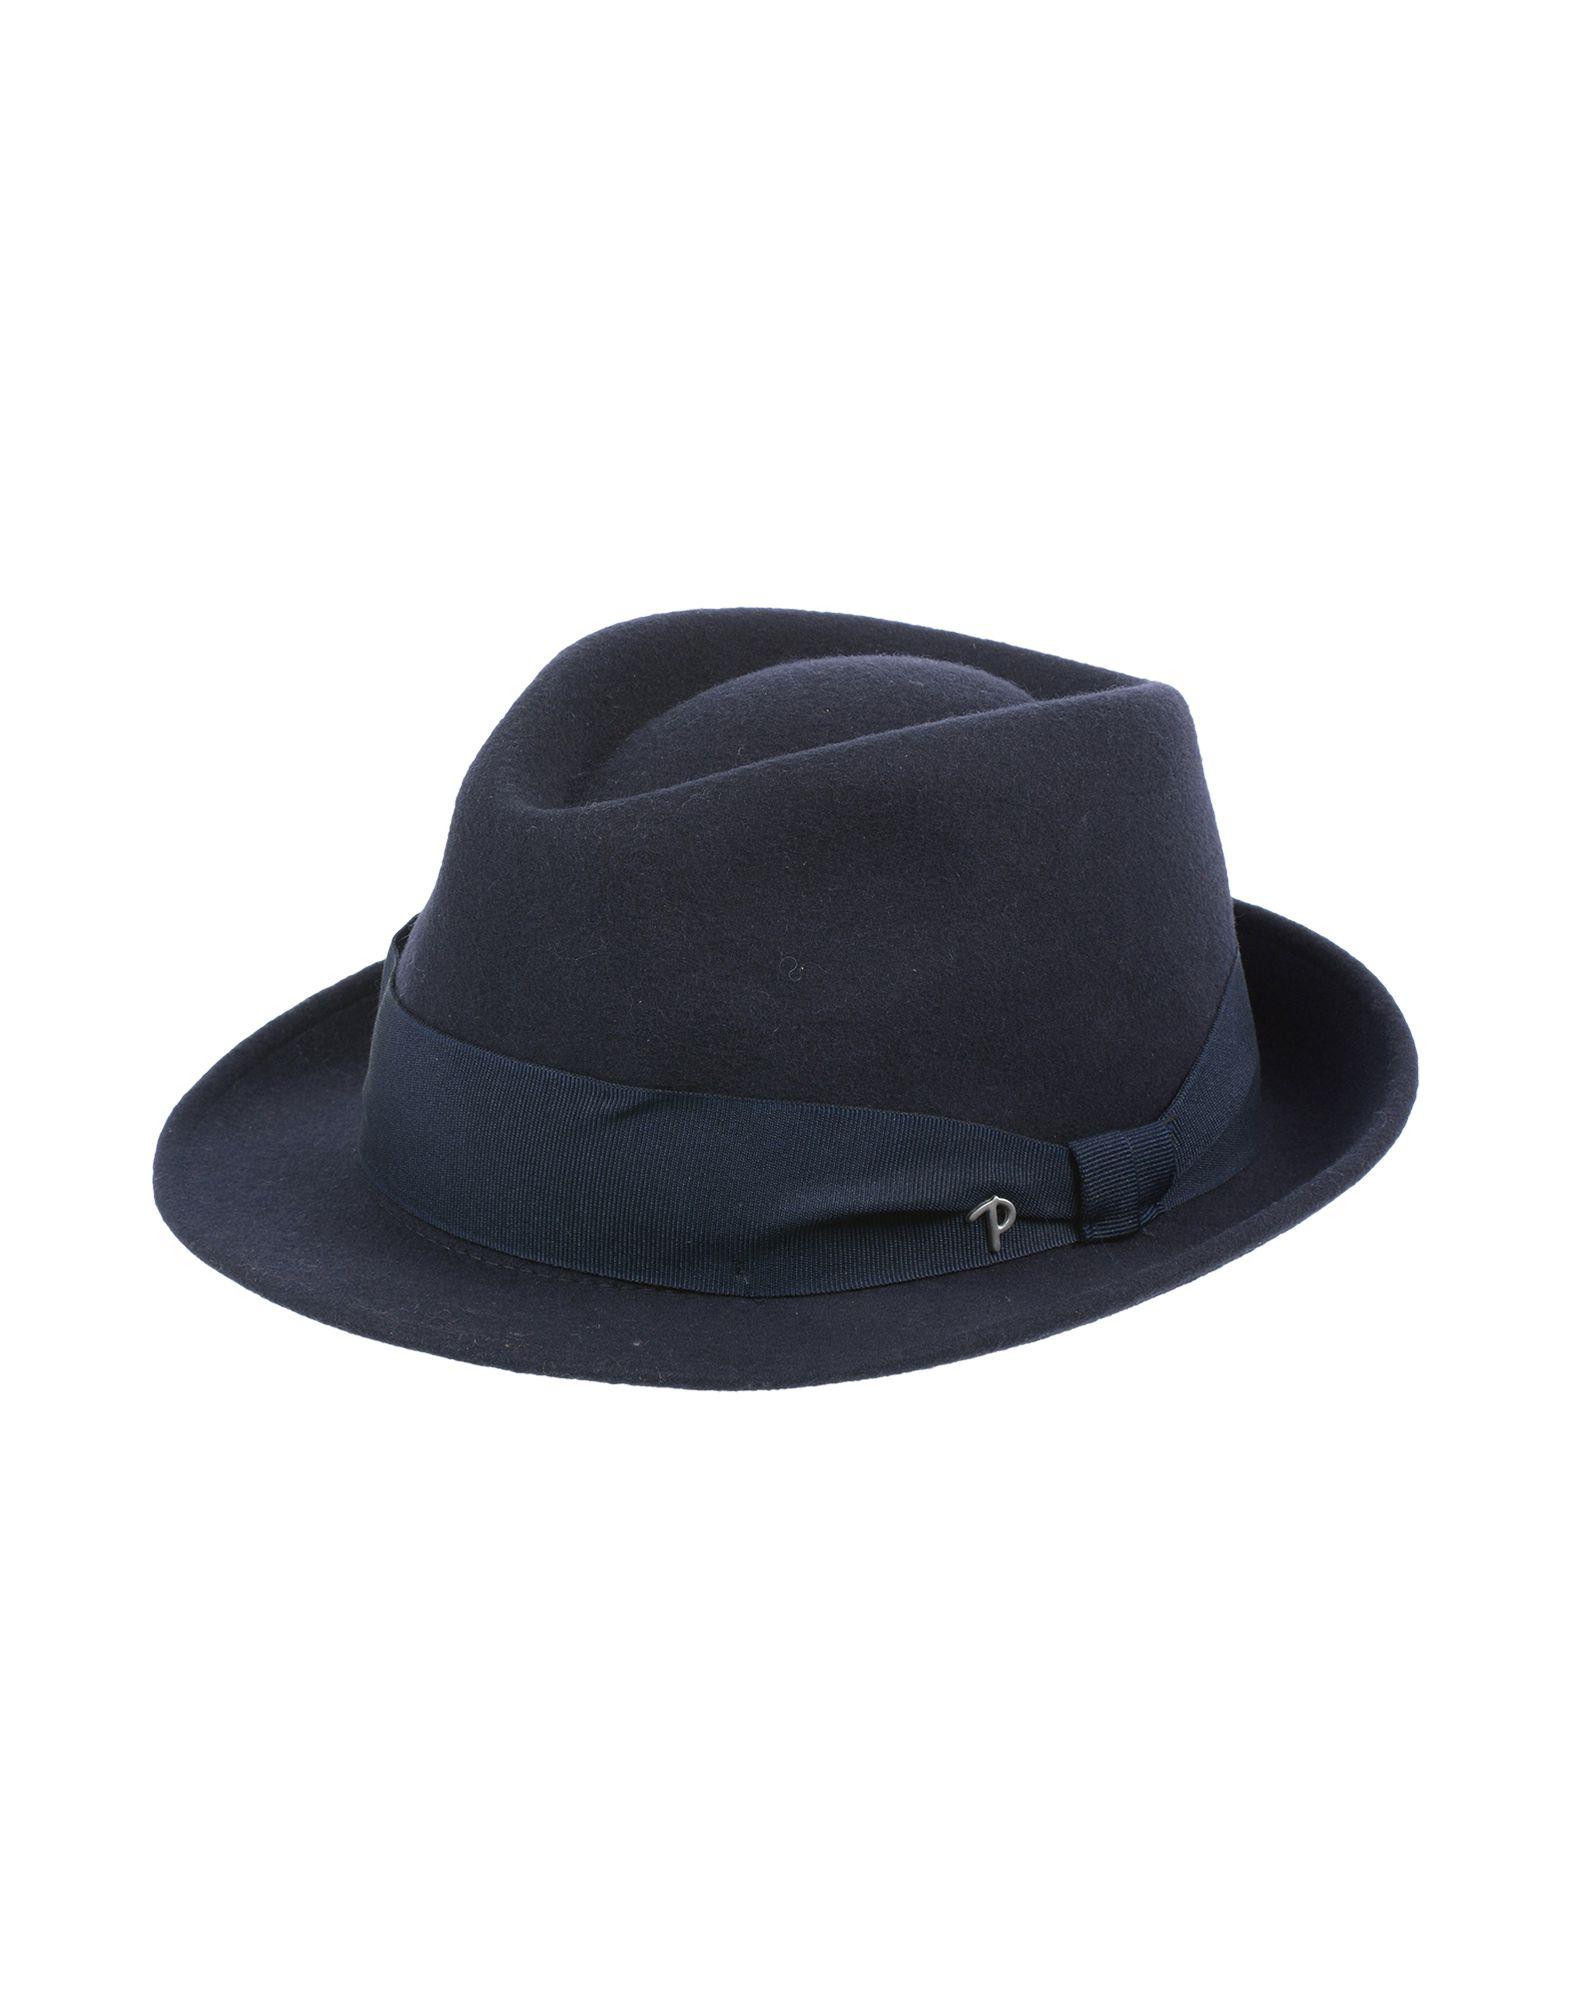 《送料無料》PANIZZA メンズ 帽子 ダークブルー 59 ウール 100%